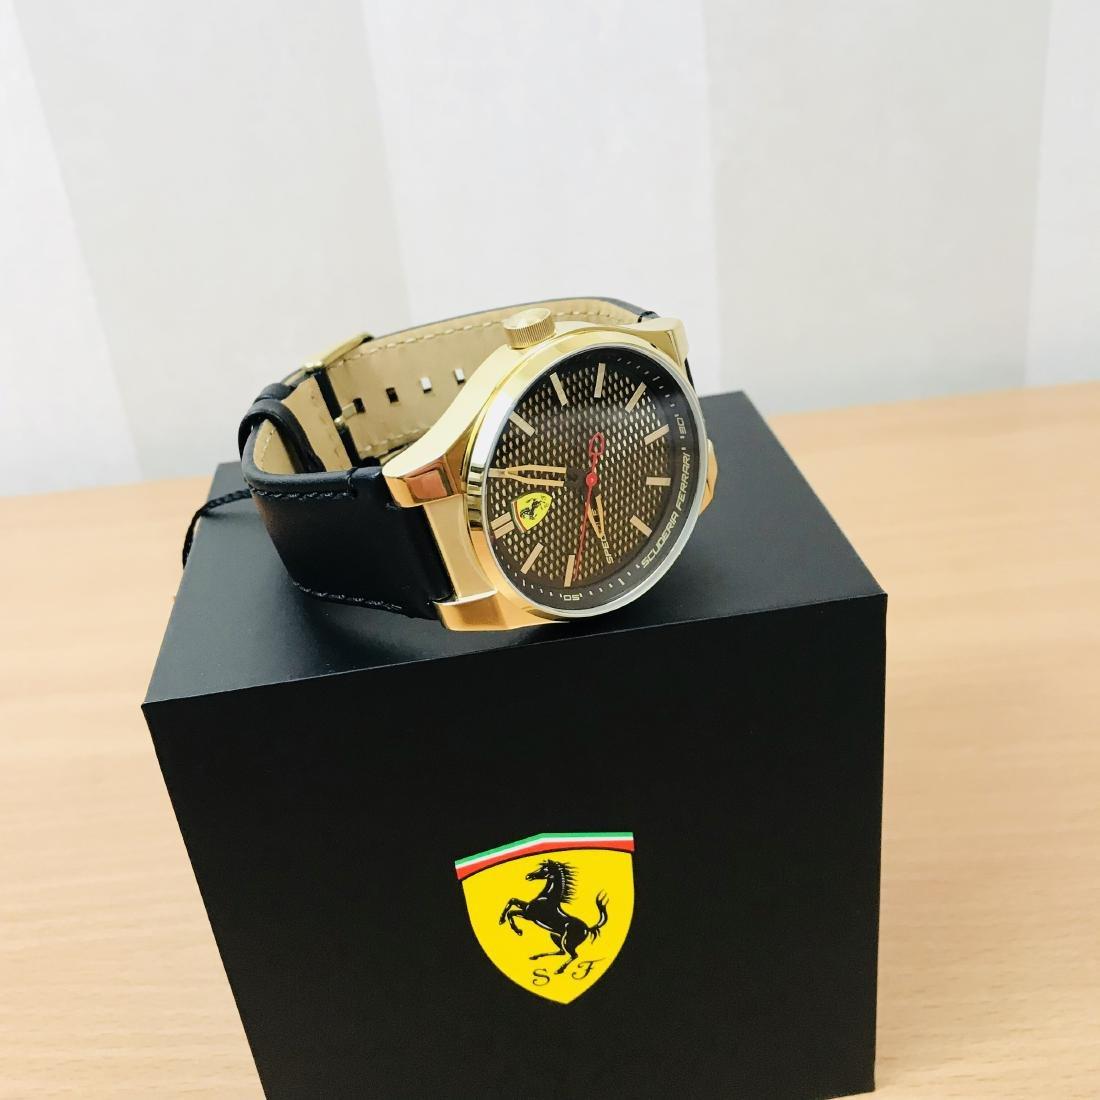 Scuderia Ferrari – SPECIALE Men's Gold Plated Watch - 8